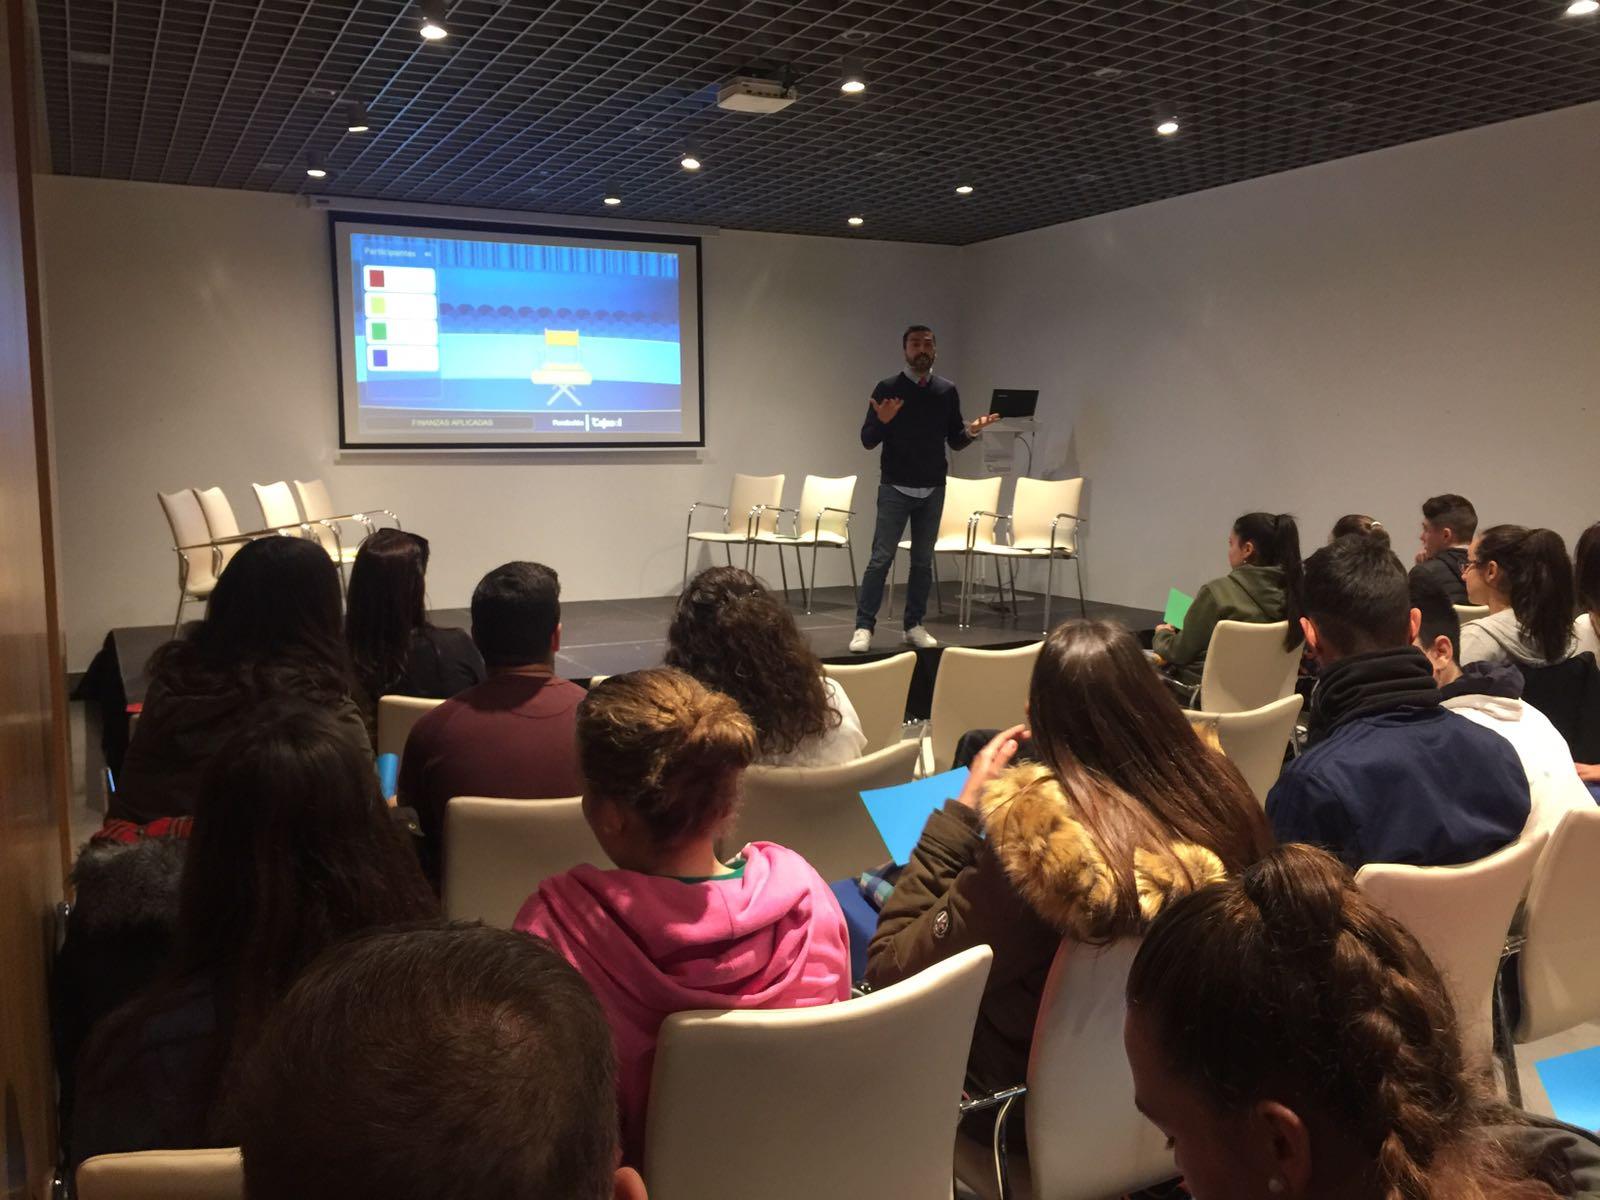 El monitor explica la forma de participar en el taller de la educación financiera